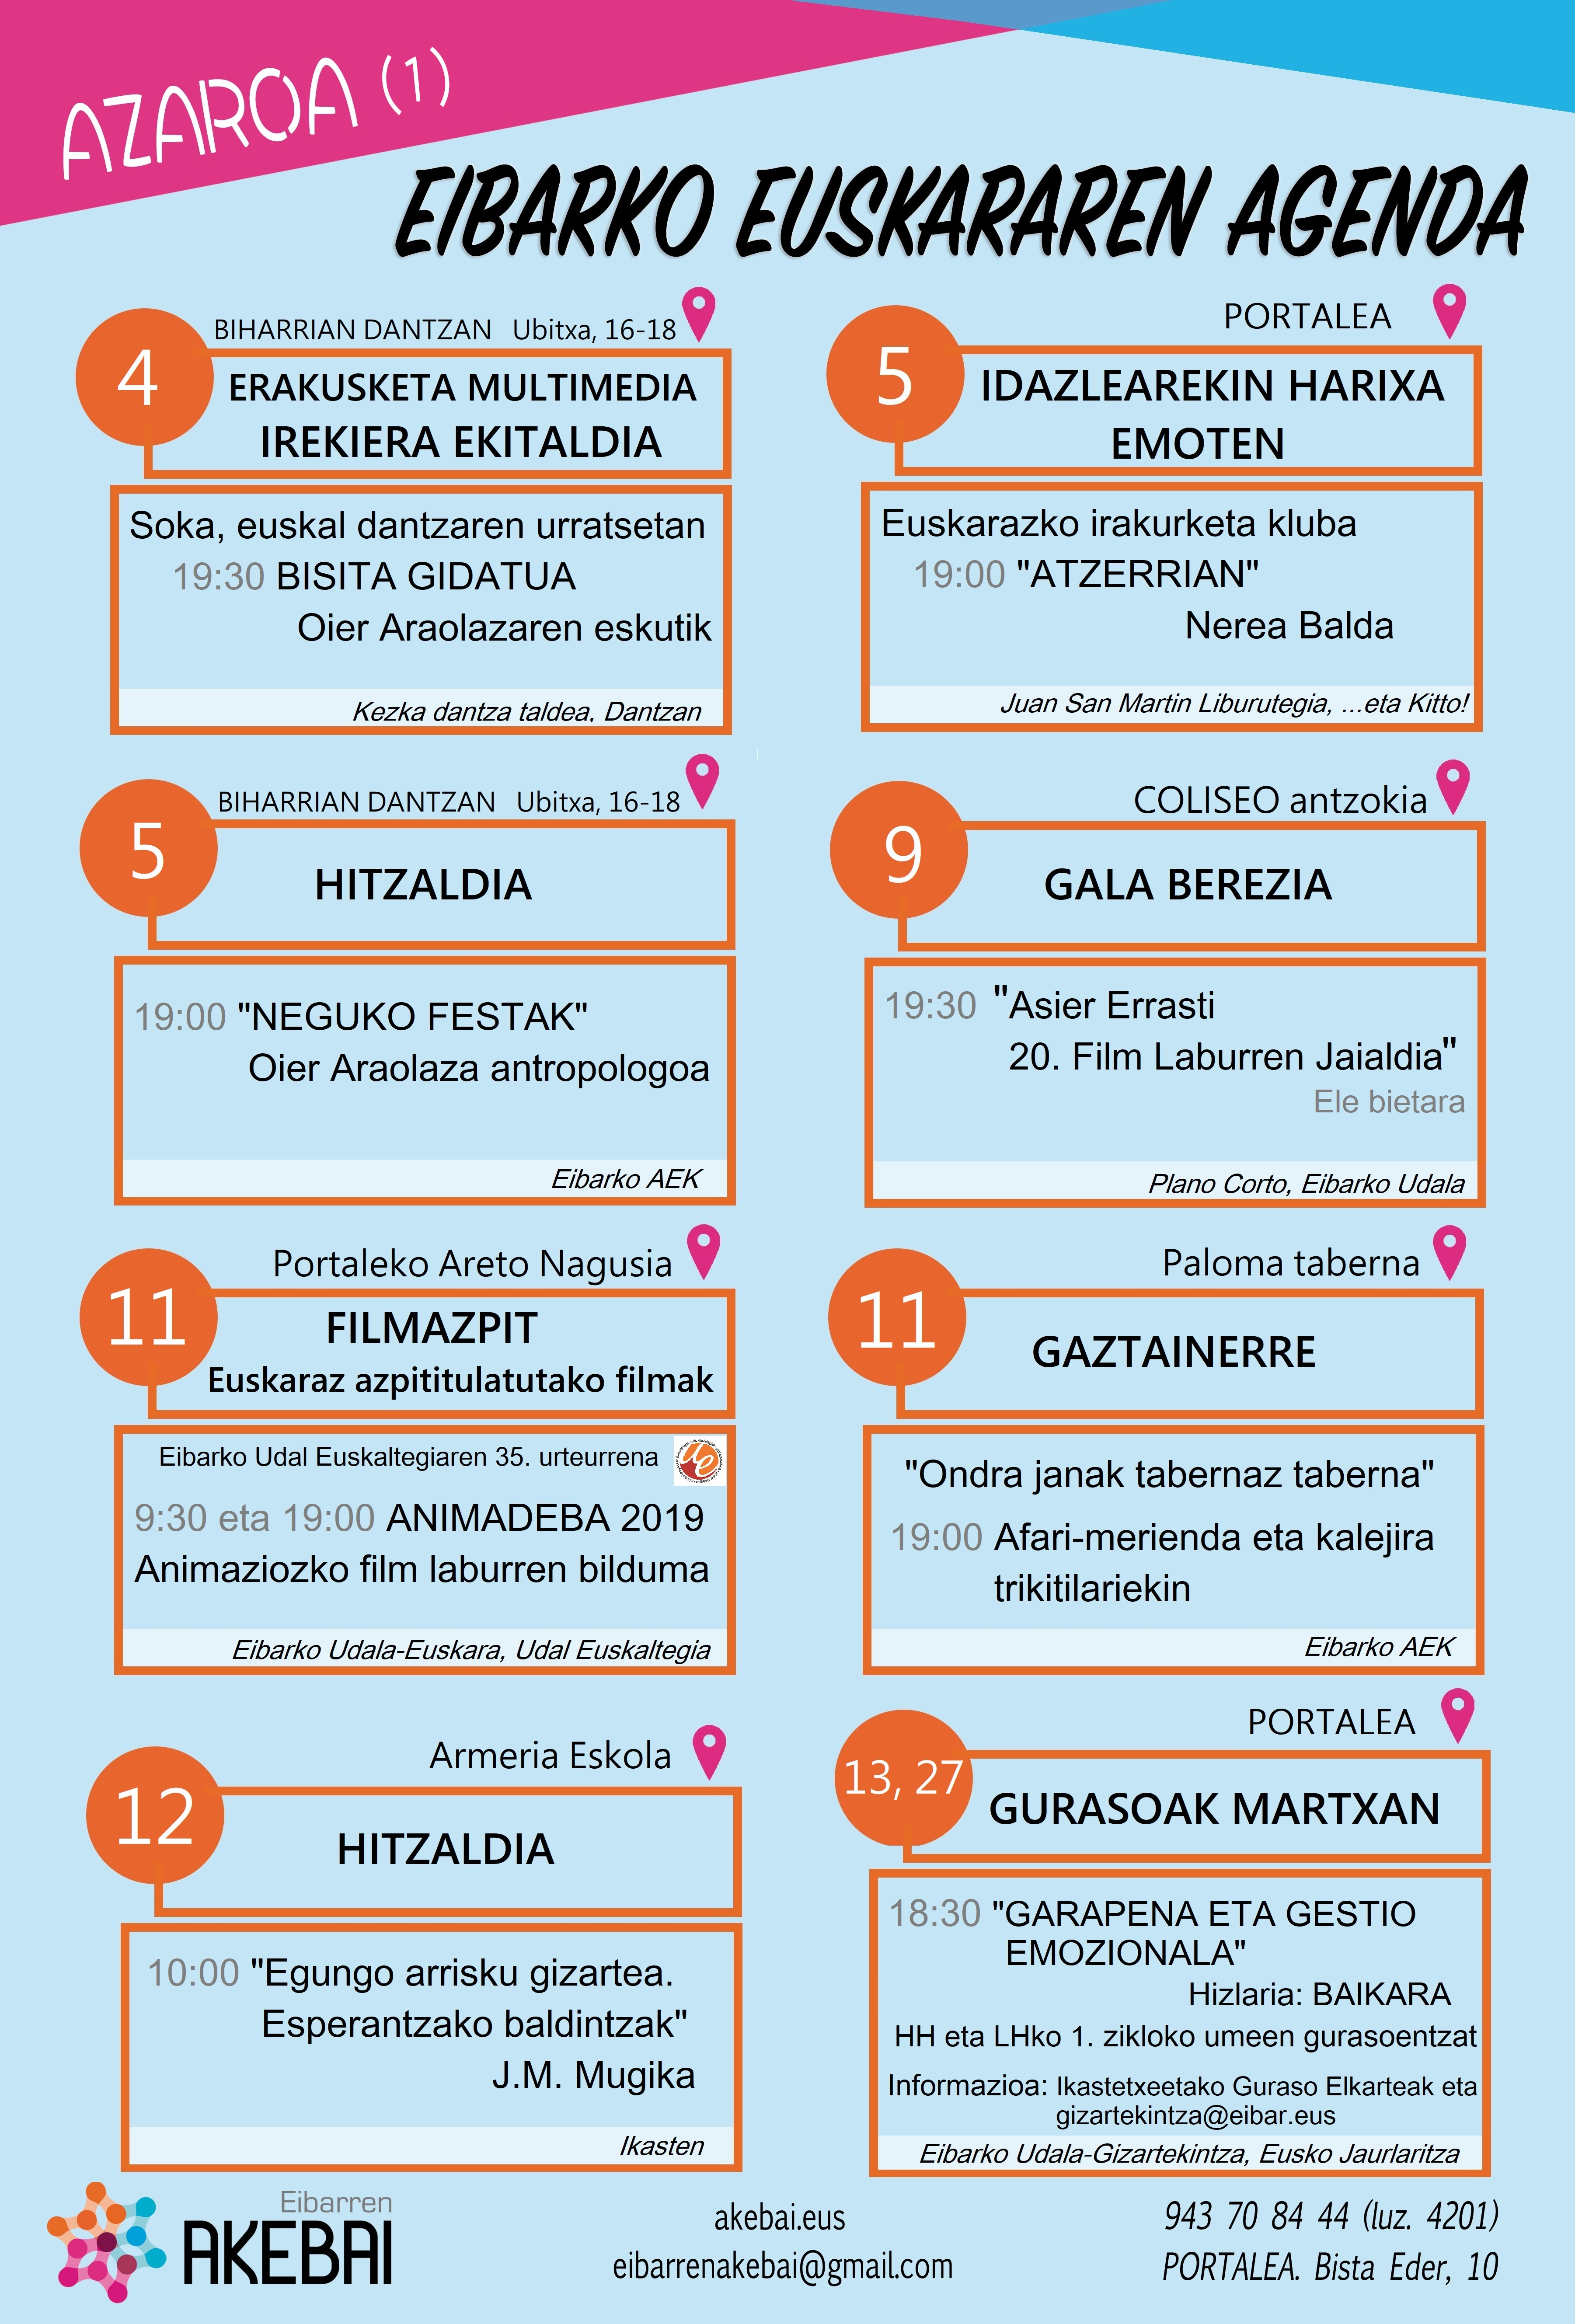 Agenda del euskera. Noviembre.